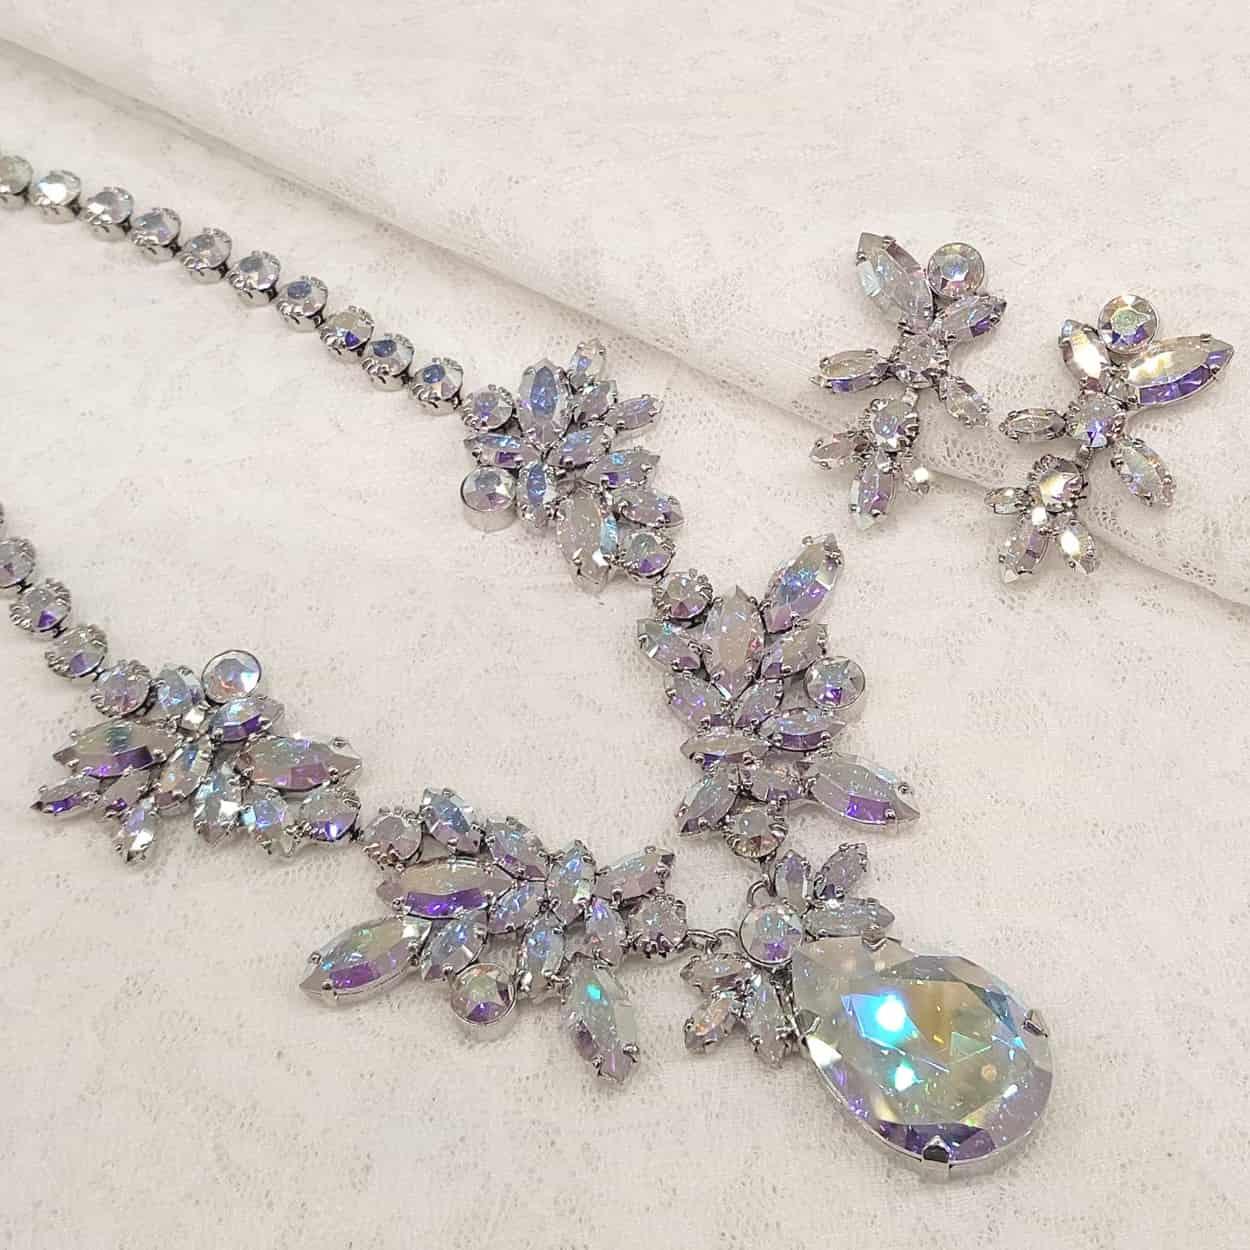 サムシングブルーのウェディング ネックレス。結婚式で青い色に見えるオーロラカラー